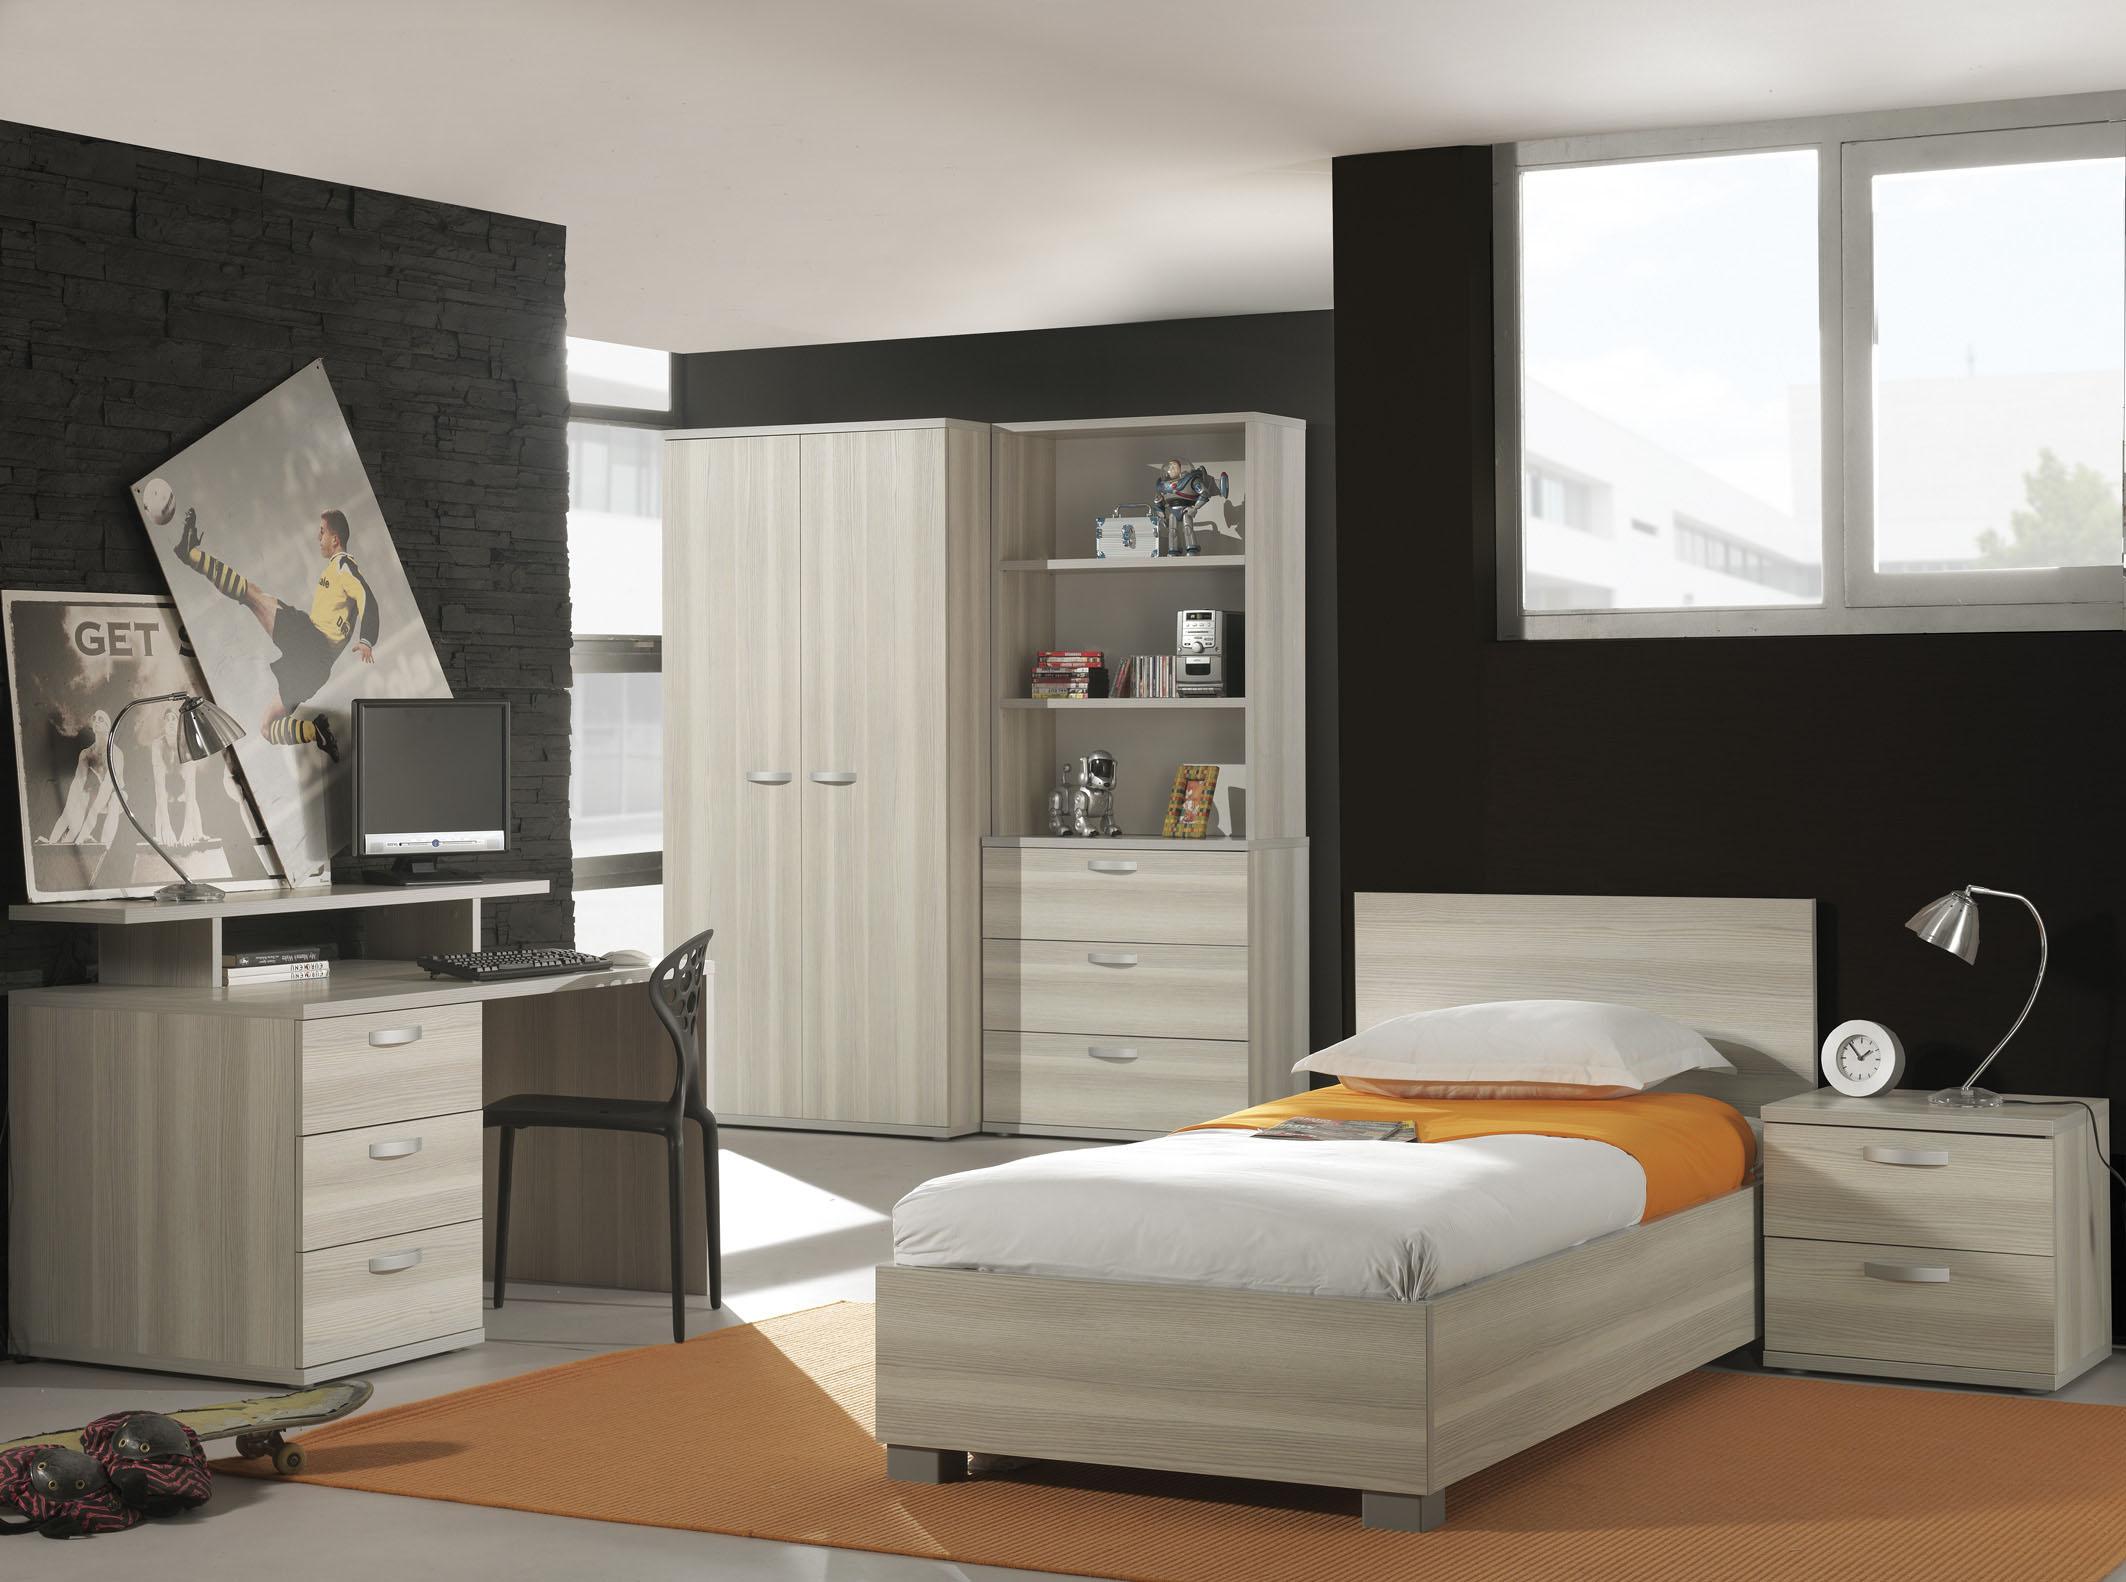 Jeugdkamer liam meubelen voor thuis salons eetkamers slaapkamers relaxen bedden - Deco kamer fotos ...